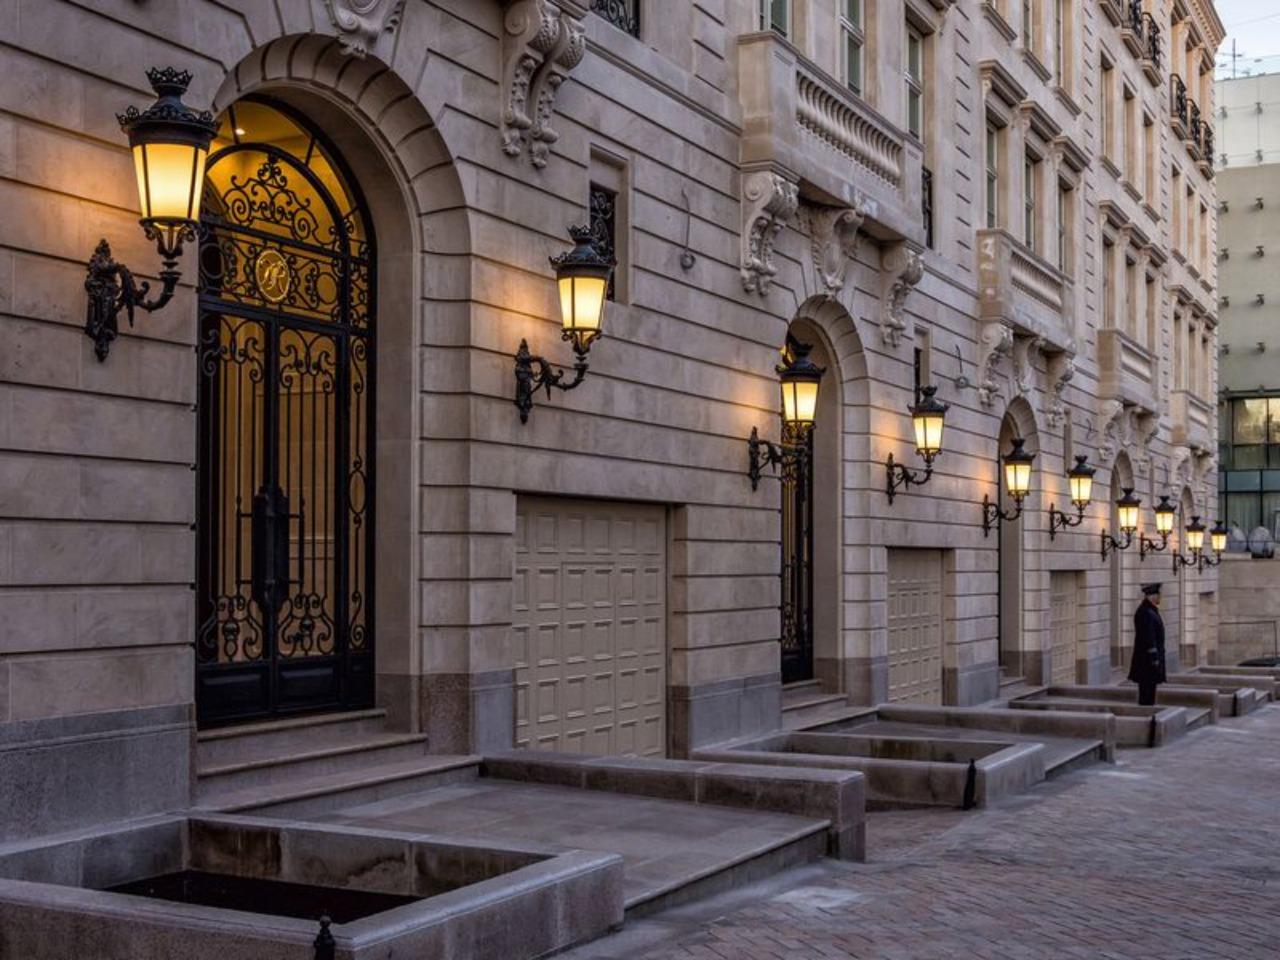 Москва на стыке двух веков - индивидуальная экскурсия по Москве от опытного гида